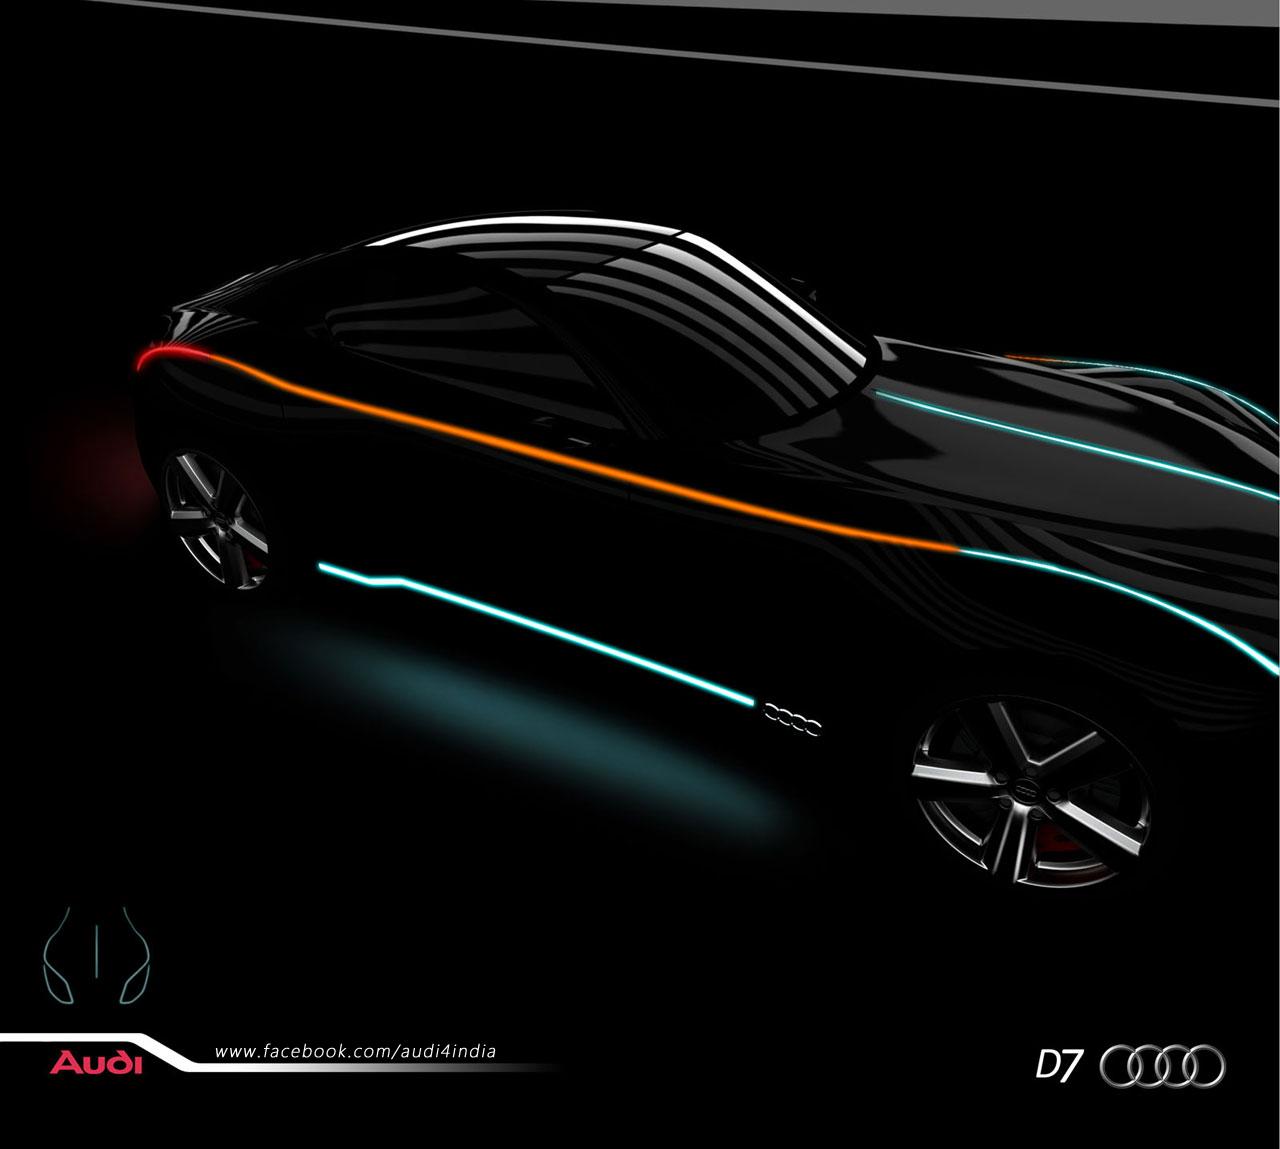 http://3.bp.blogspot.com/-Sron_xuhKmU/TteR9fRWVTI/AAAAAAAAC84/oInU7iIvHWk/s1600/Audi-D7-Concept-3+copy.jpg